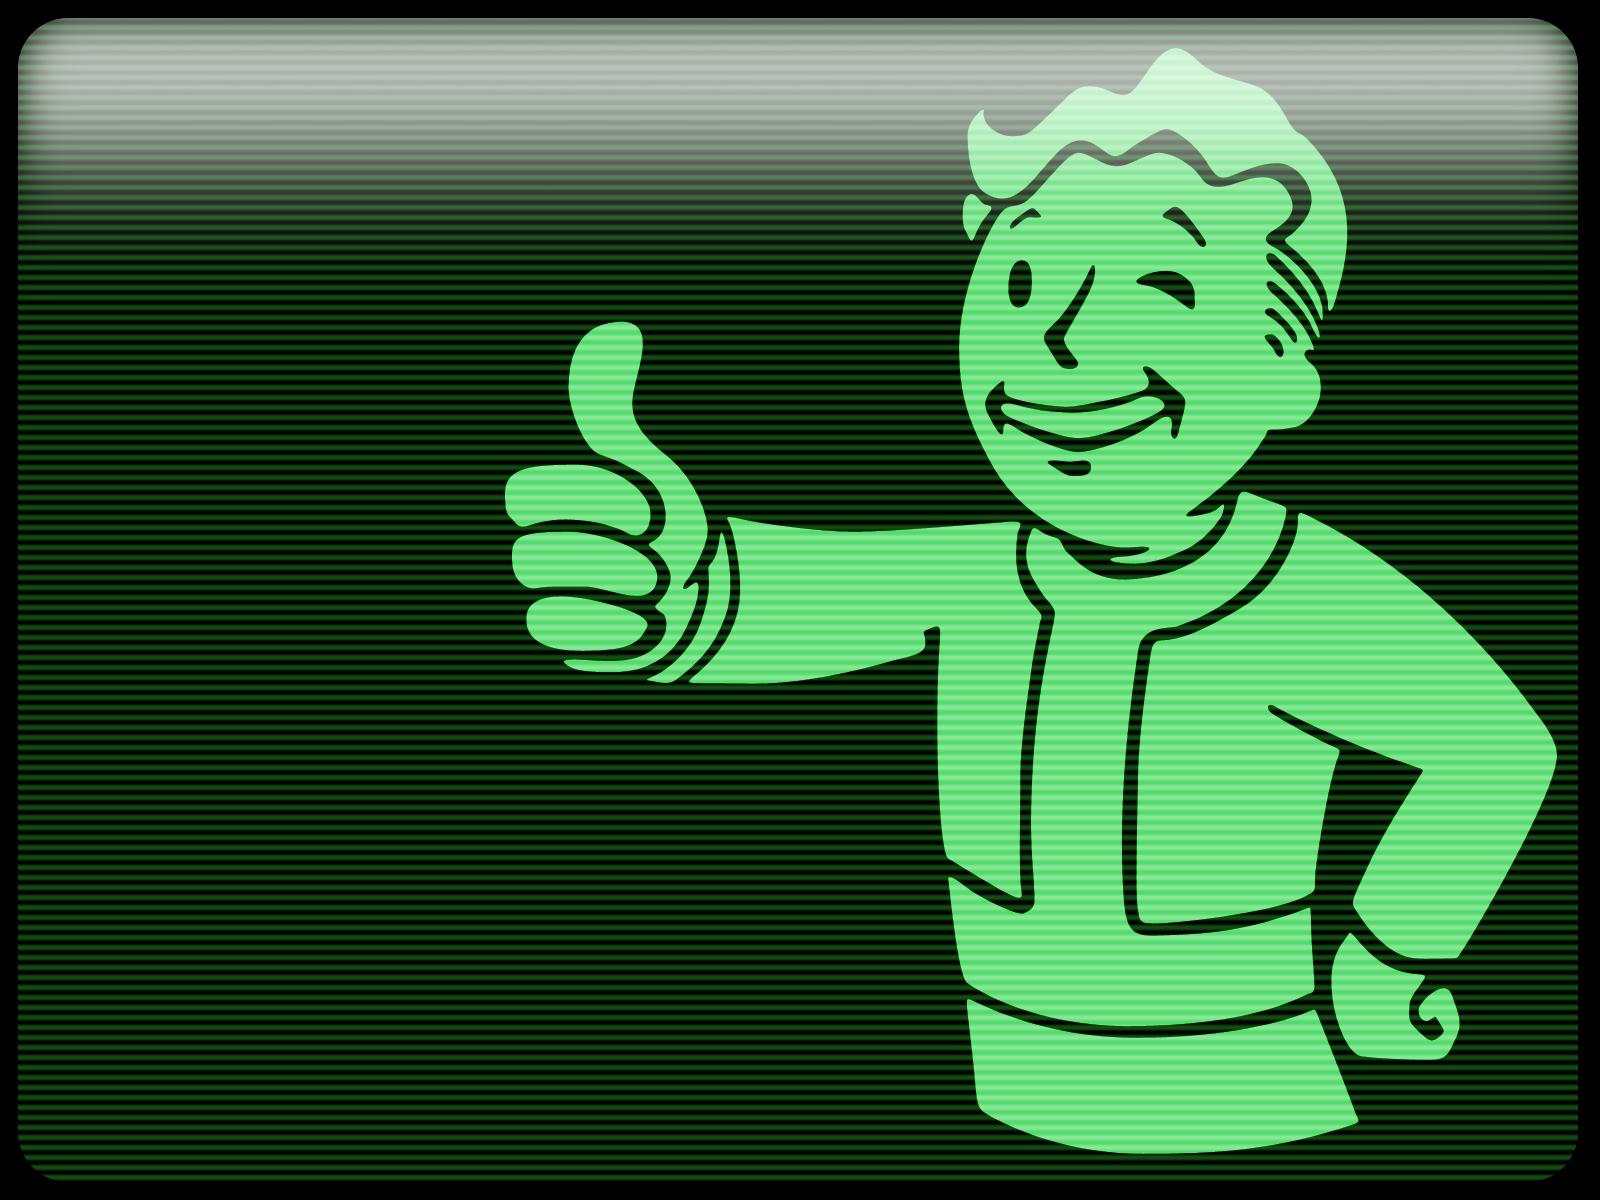 49+] Fallout 4 Wallpaper Pip Boy on WallpaperSafari